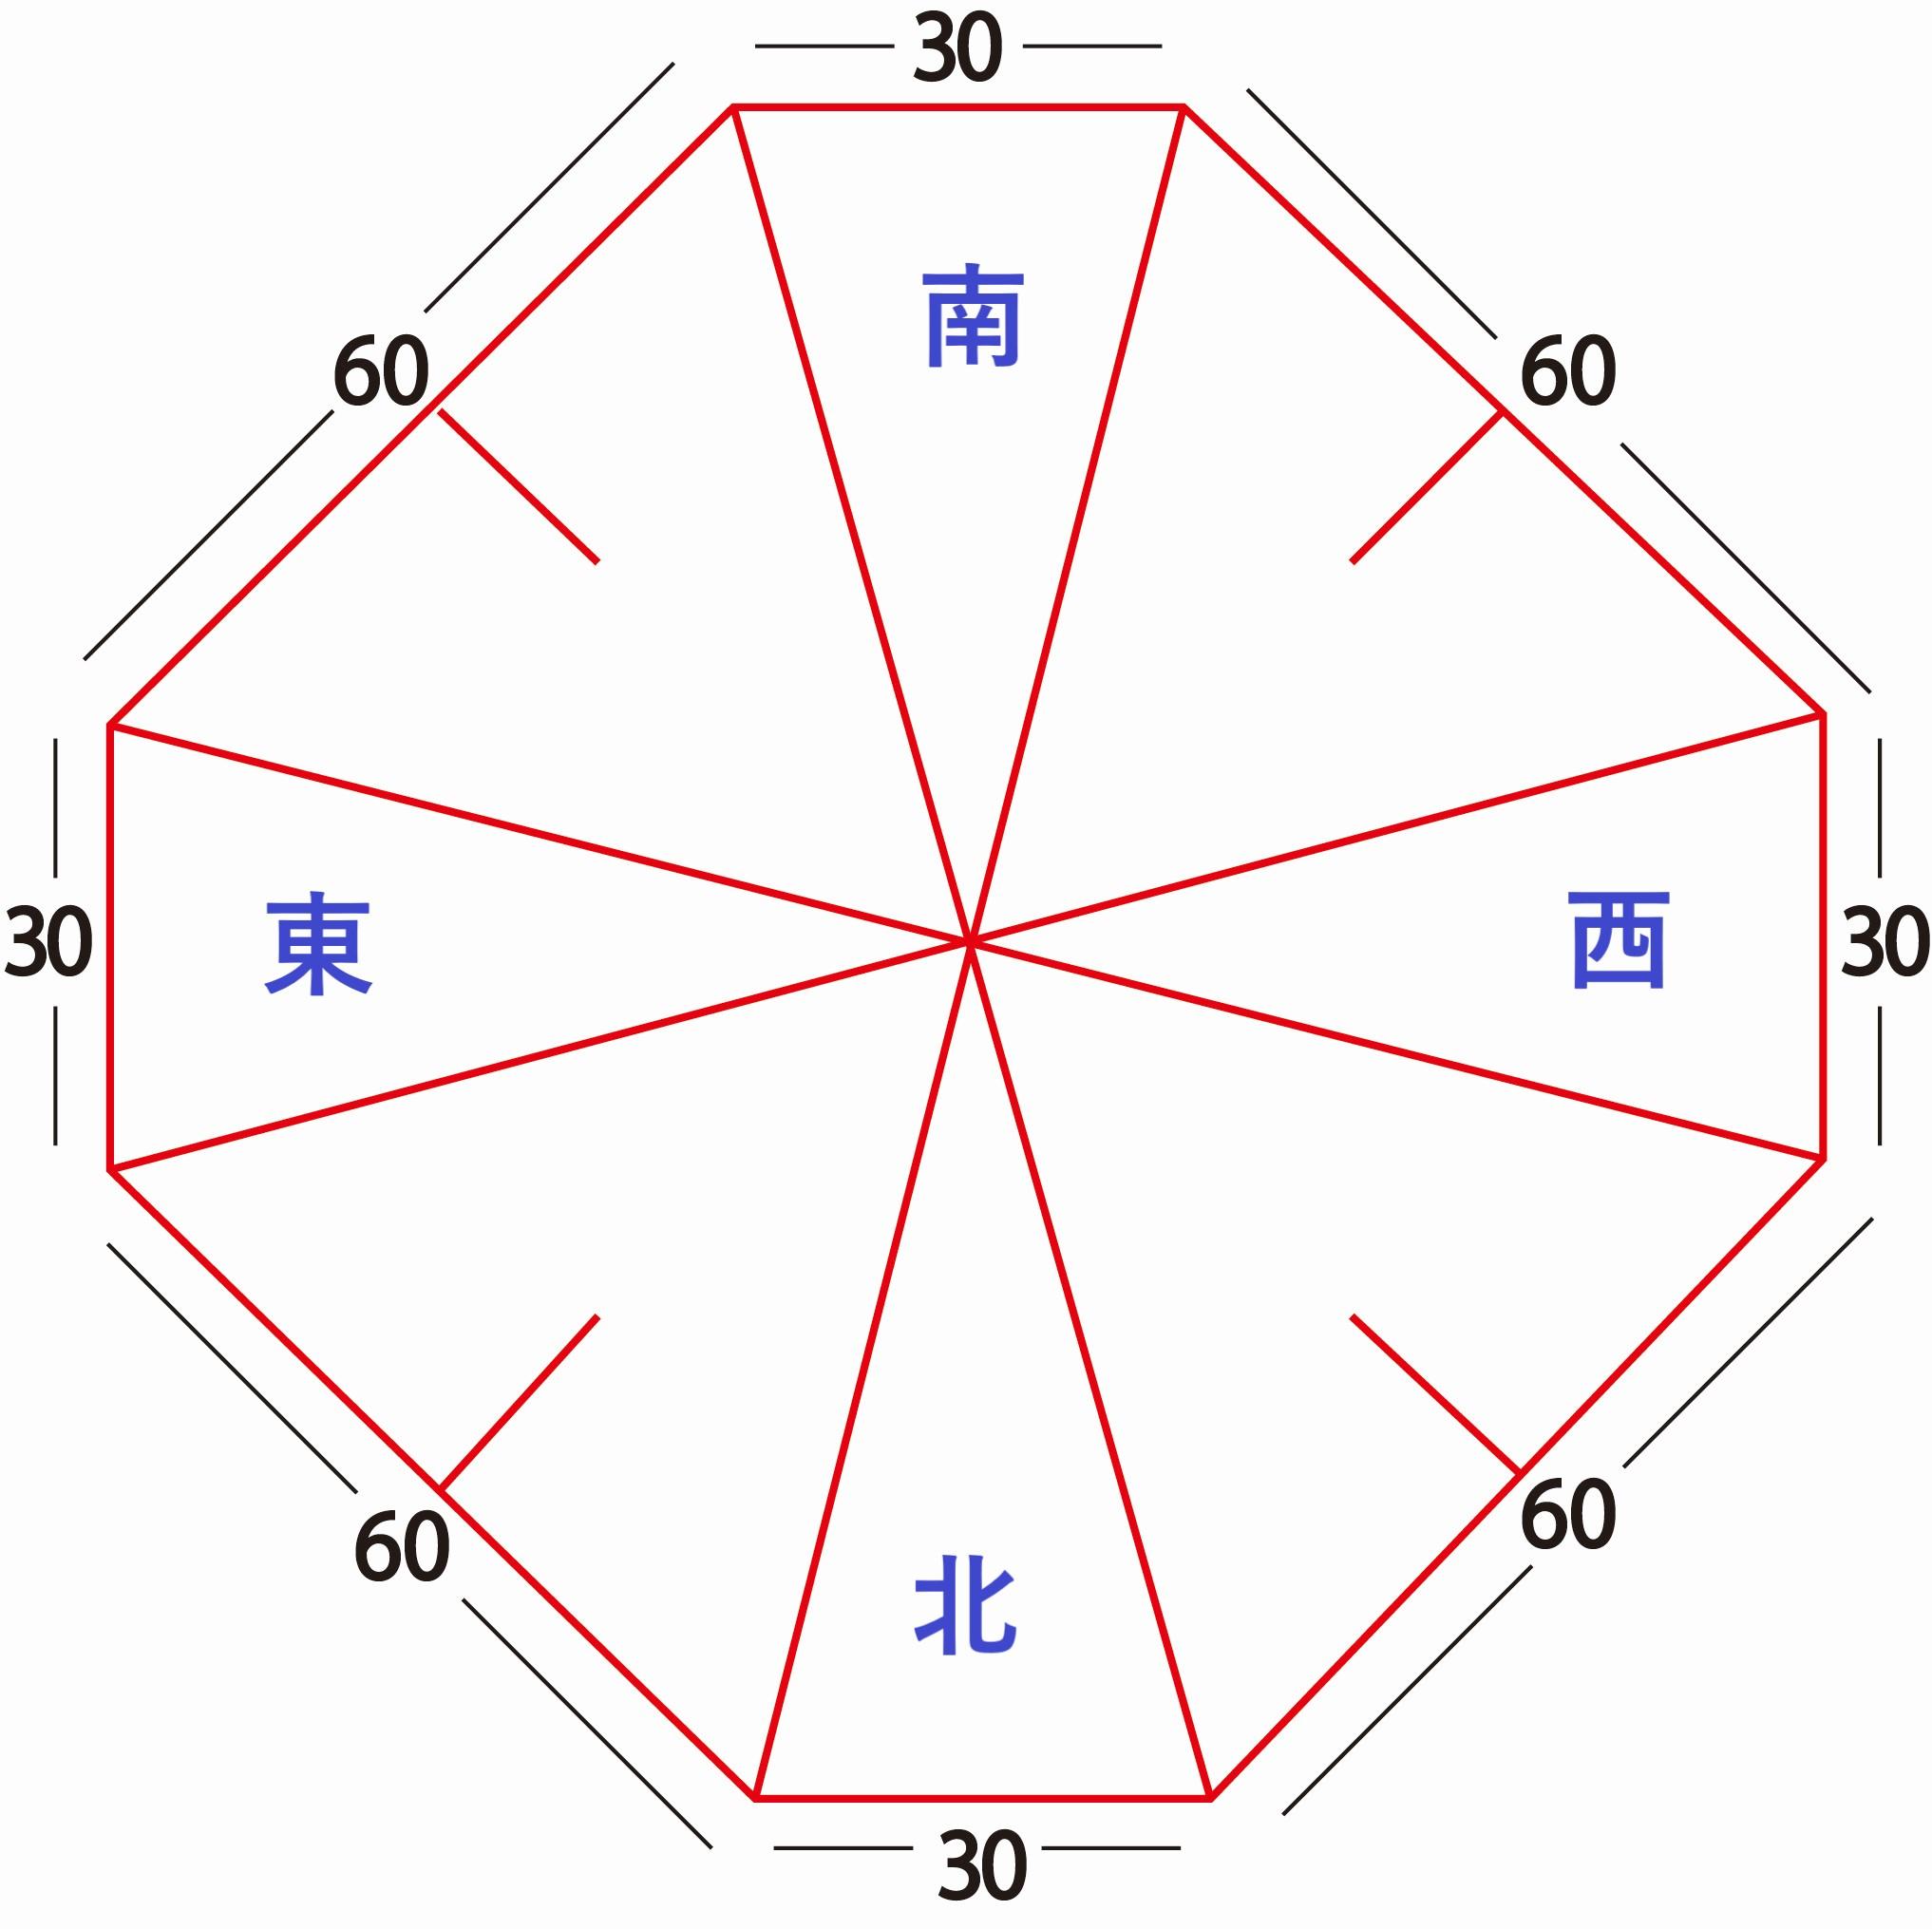 【九星気学】八方位 引っ越しや旅行の際は正確に方位を調べよう